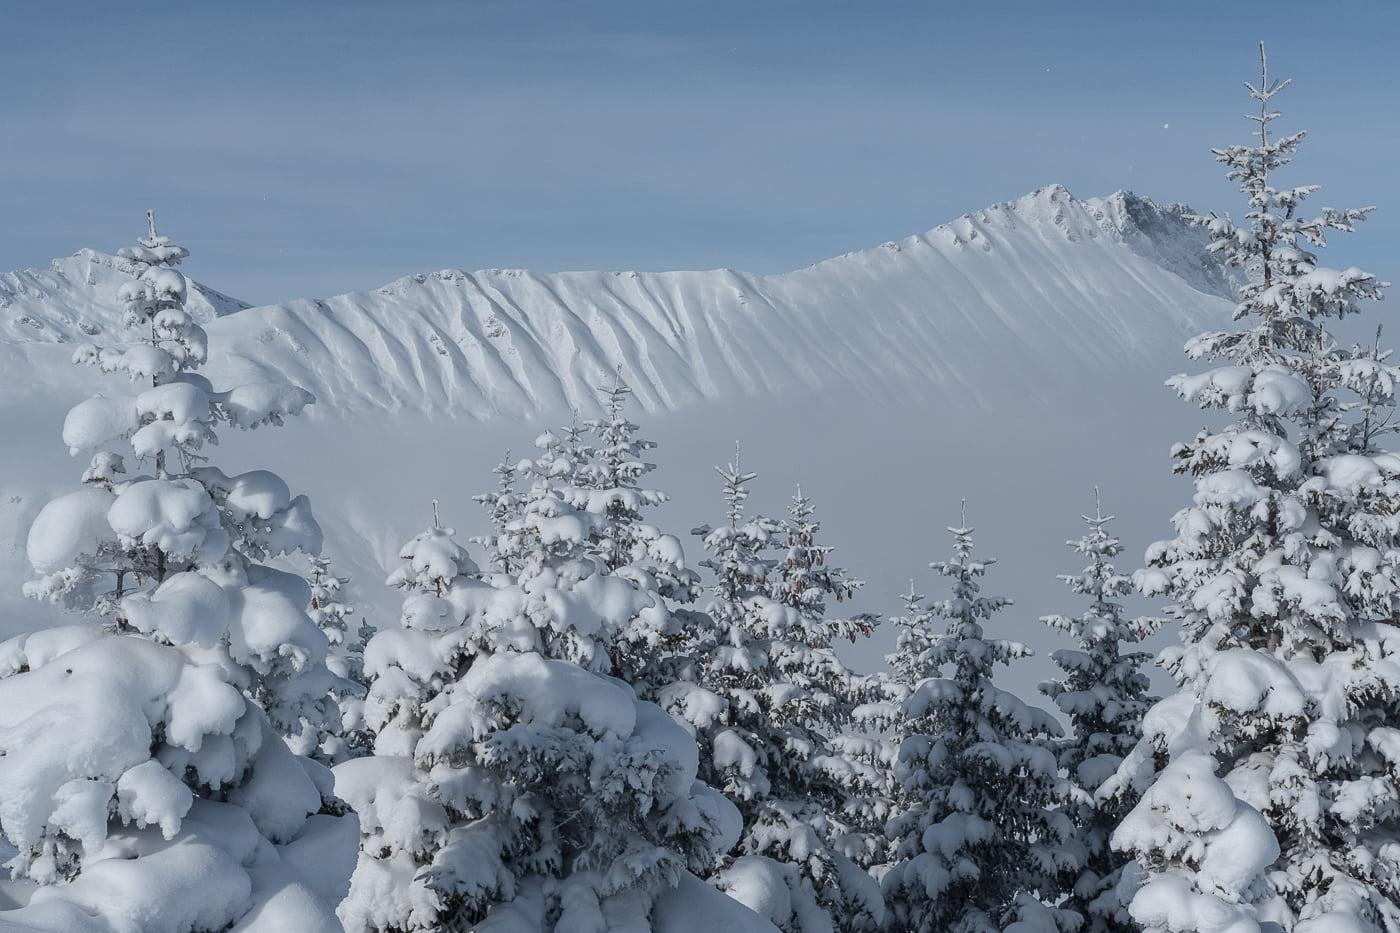 Schnee auf den Tannen